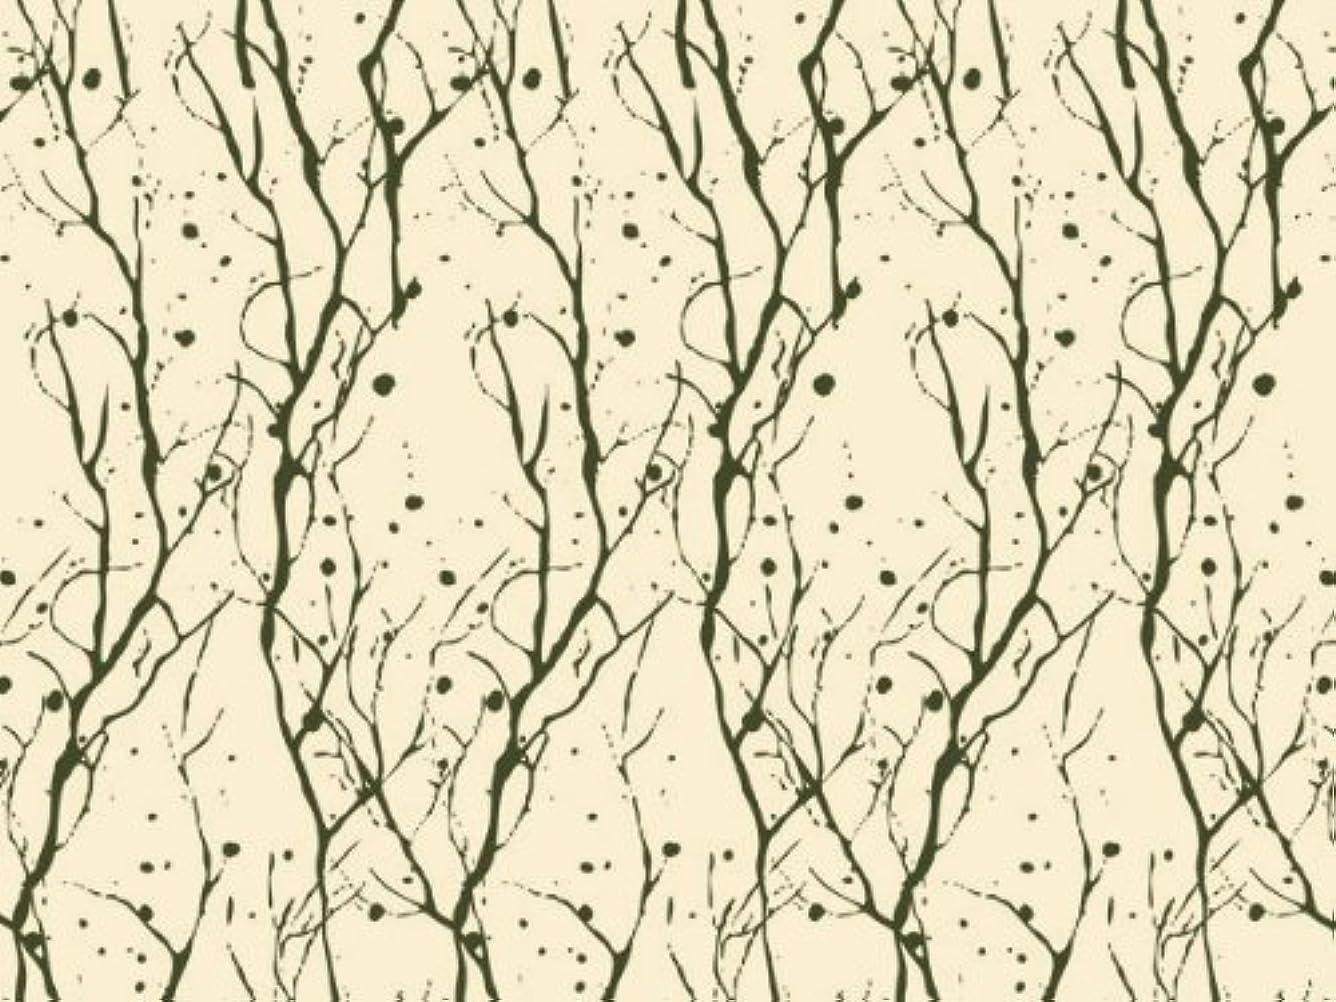 オープニング芸術的かけがえのないBRANCH COLLAGE Tissue Paper240~20x30 Sheets Tissue Prints (1 unit, 240 pack per unit.) by Nas